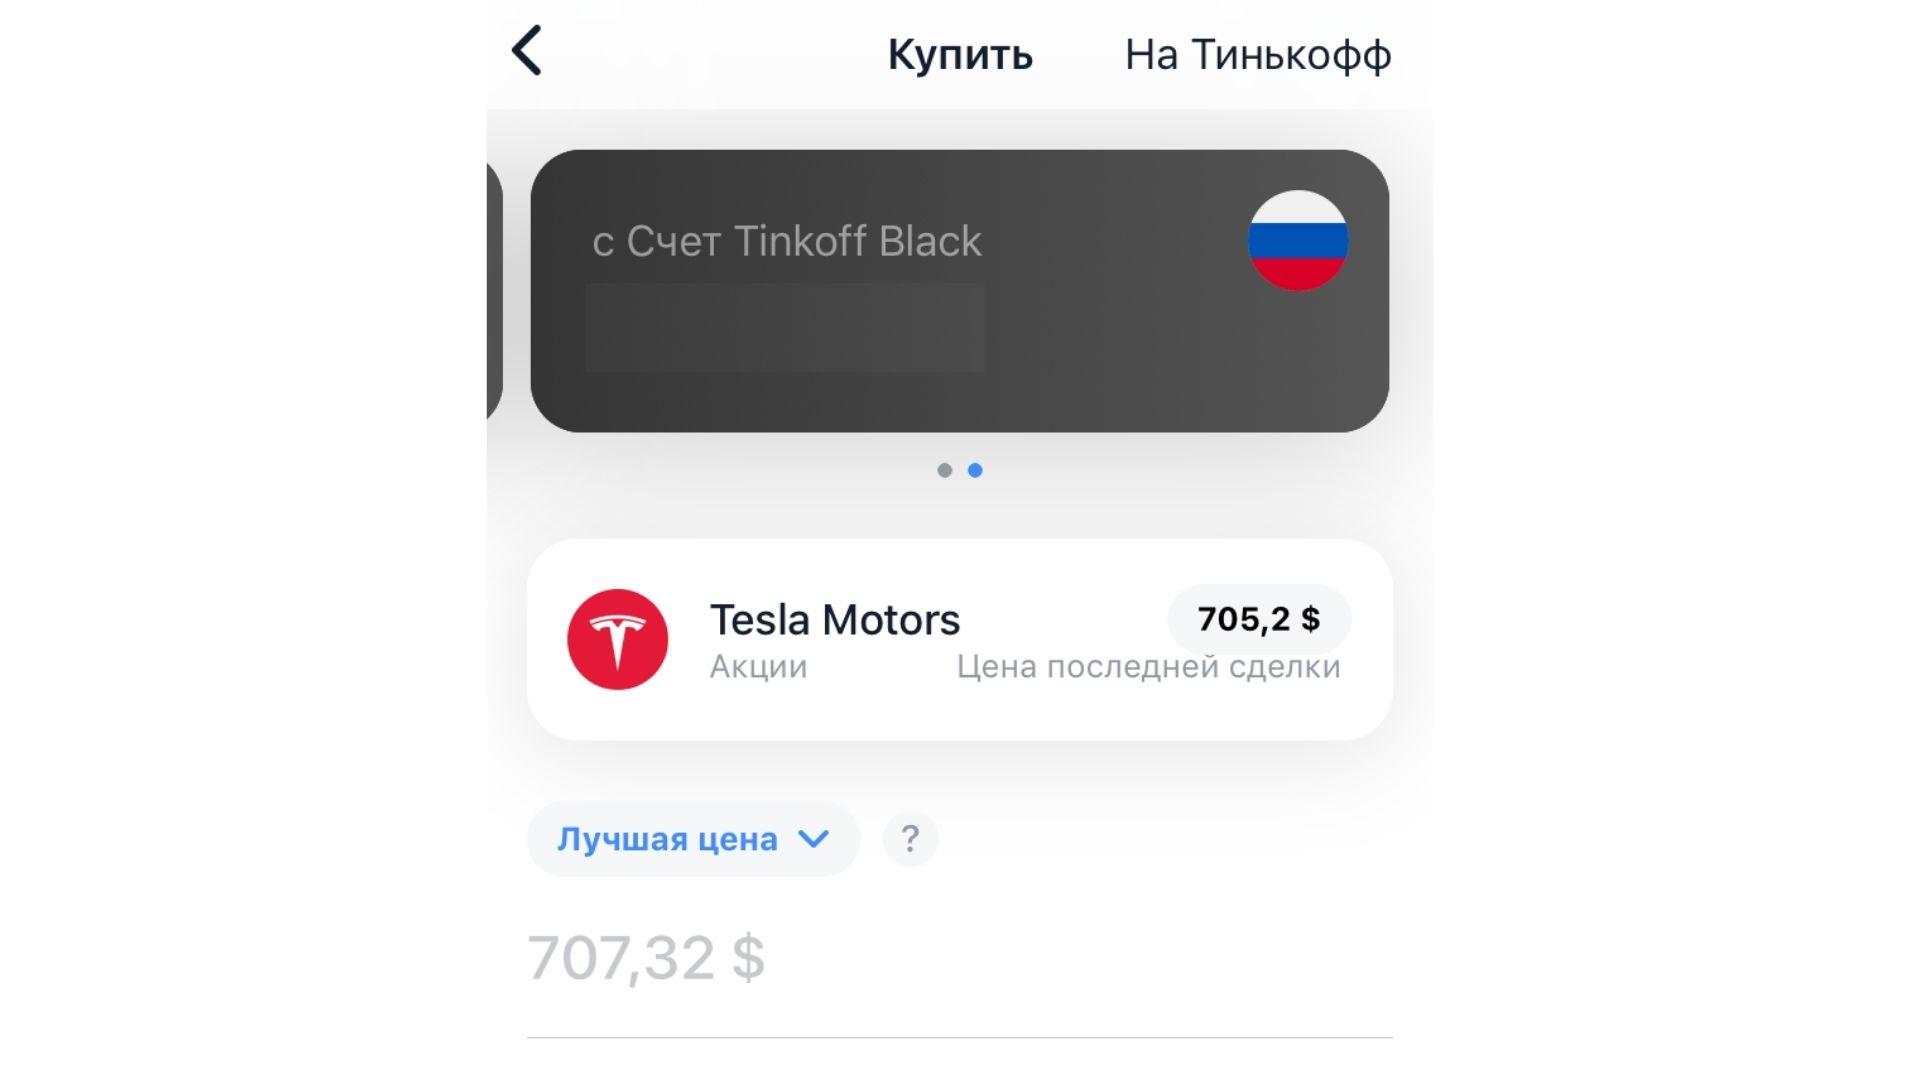 Купить Акции Тесла Моторс физическому лицу в России через Тинькофф Инвестиции